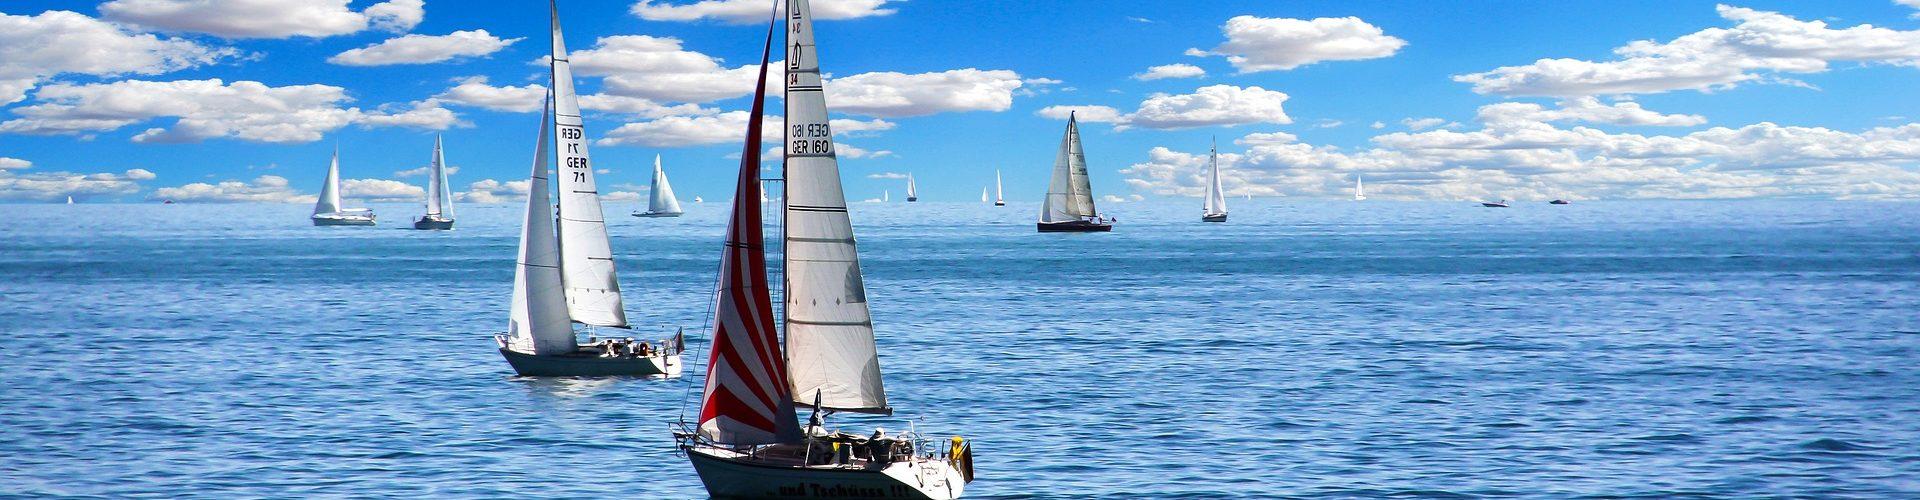 segeln lernen in Oestrich Winkel segelschein machen in Oestrich Winkel 1920x500 - Segeln lernen in Oestrich-Winkel